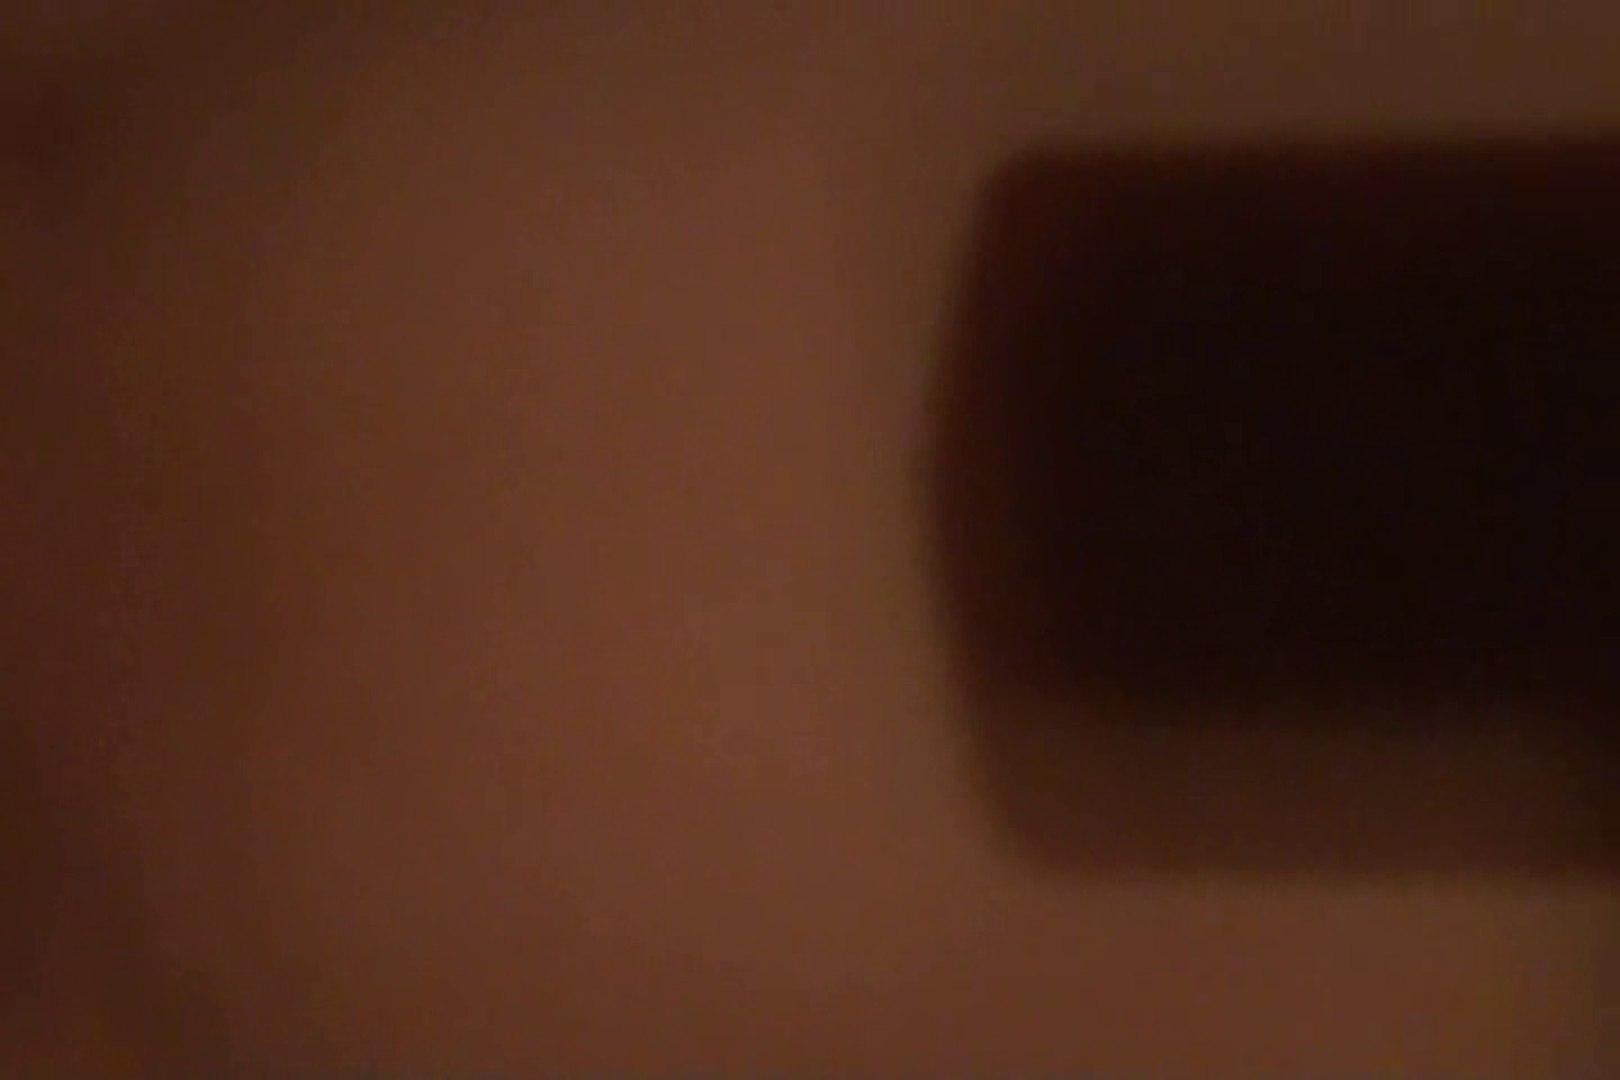 独占配信! ●罪証拠DVD 起きません! vol.06 悪戯  96PIX 78